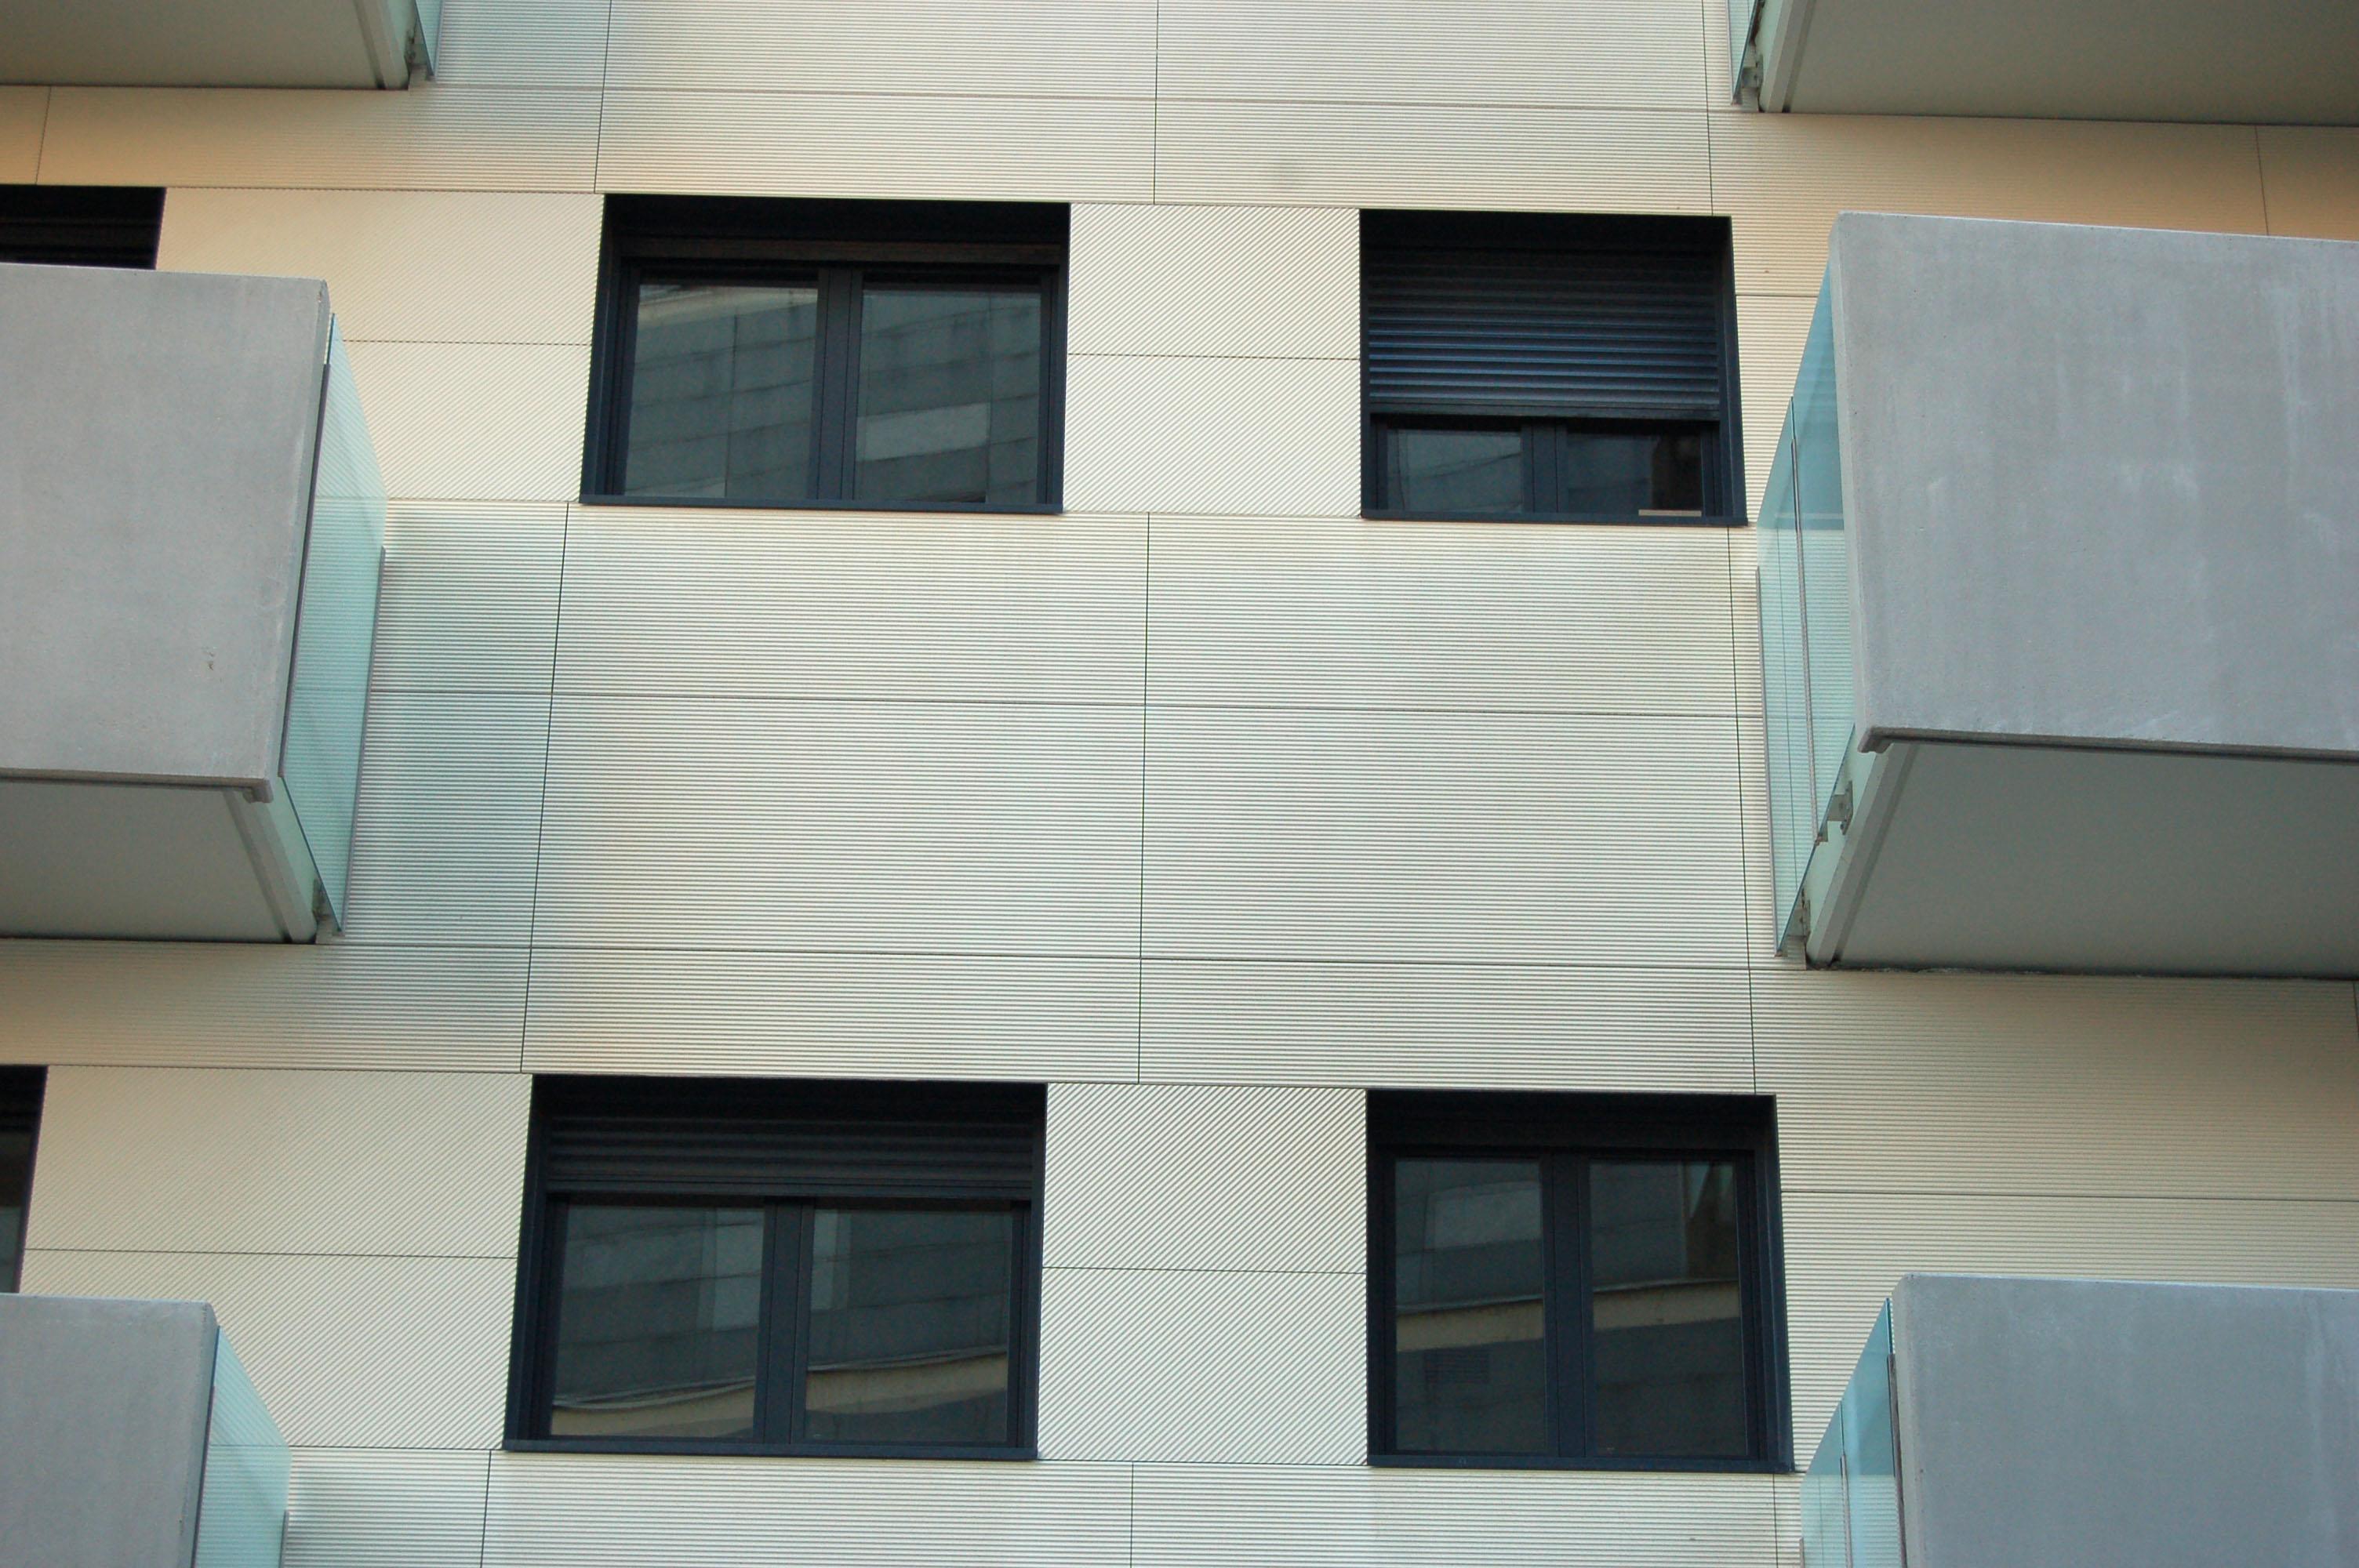 Tarraco jpg cerramientos - Cerramientos de fachadas ...